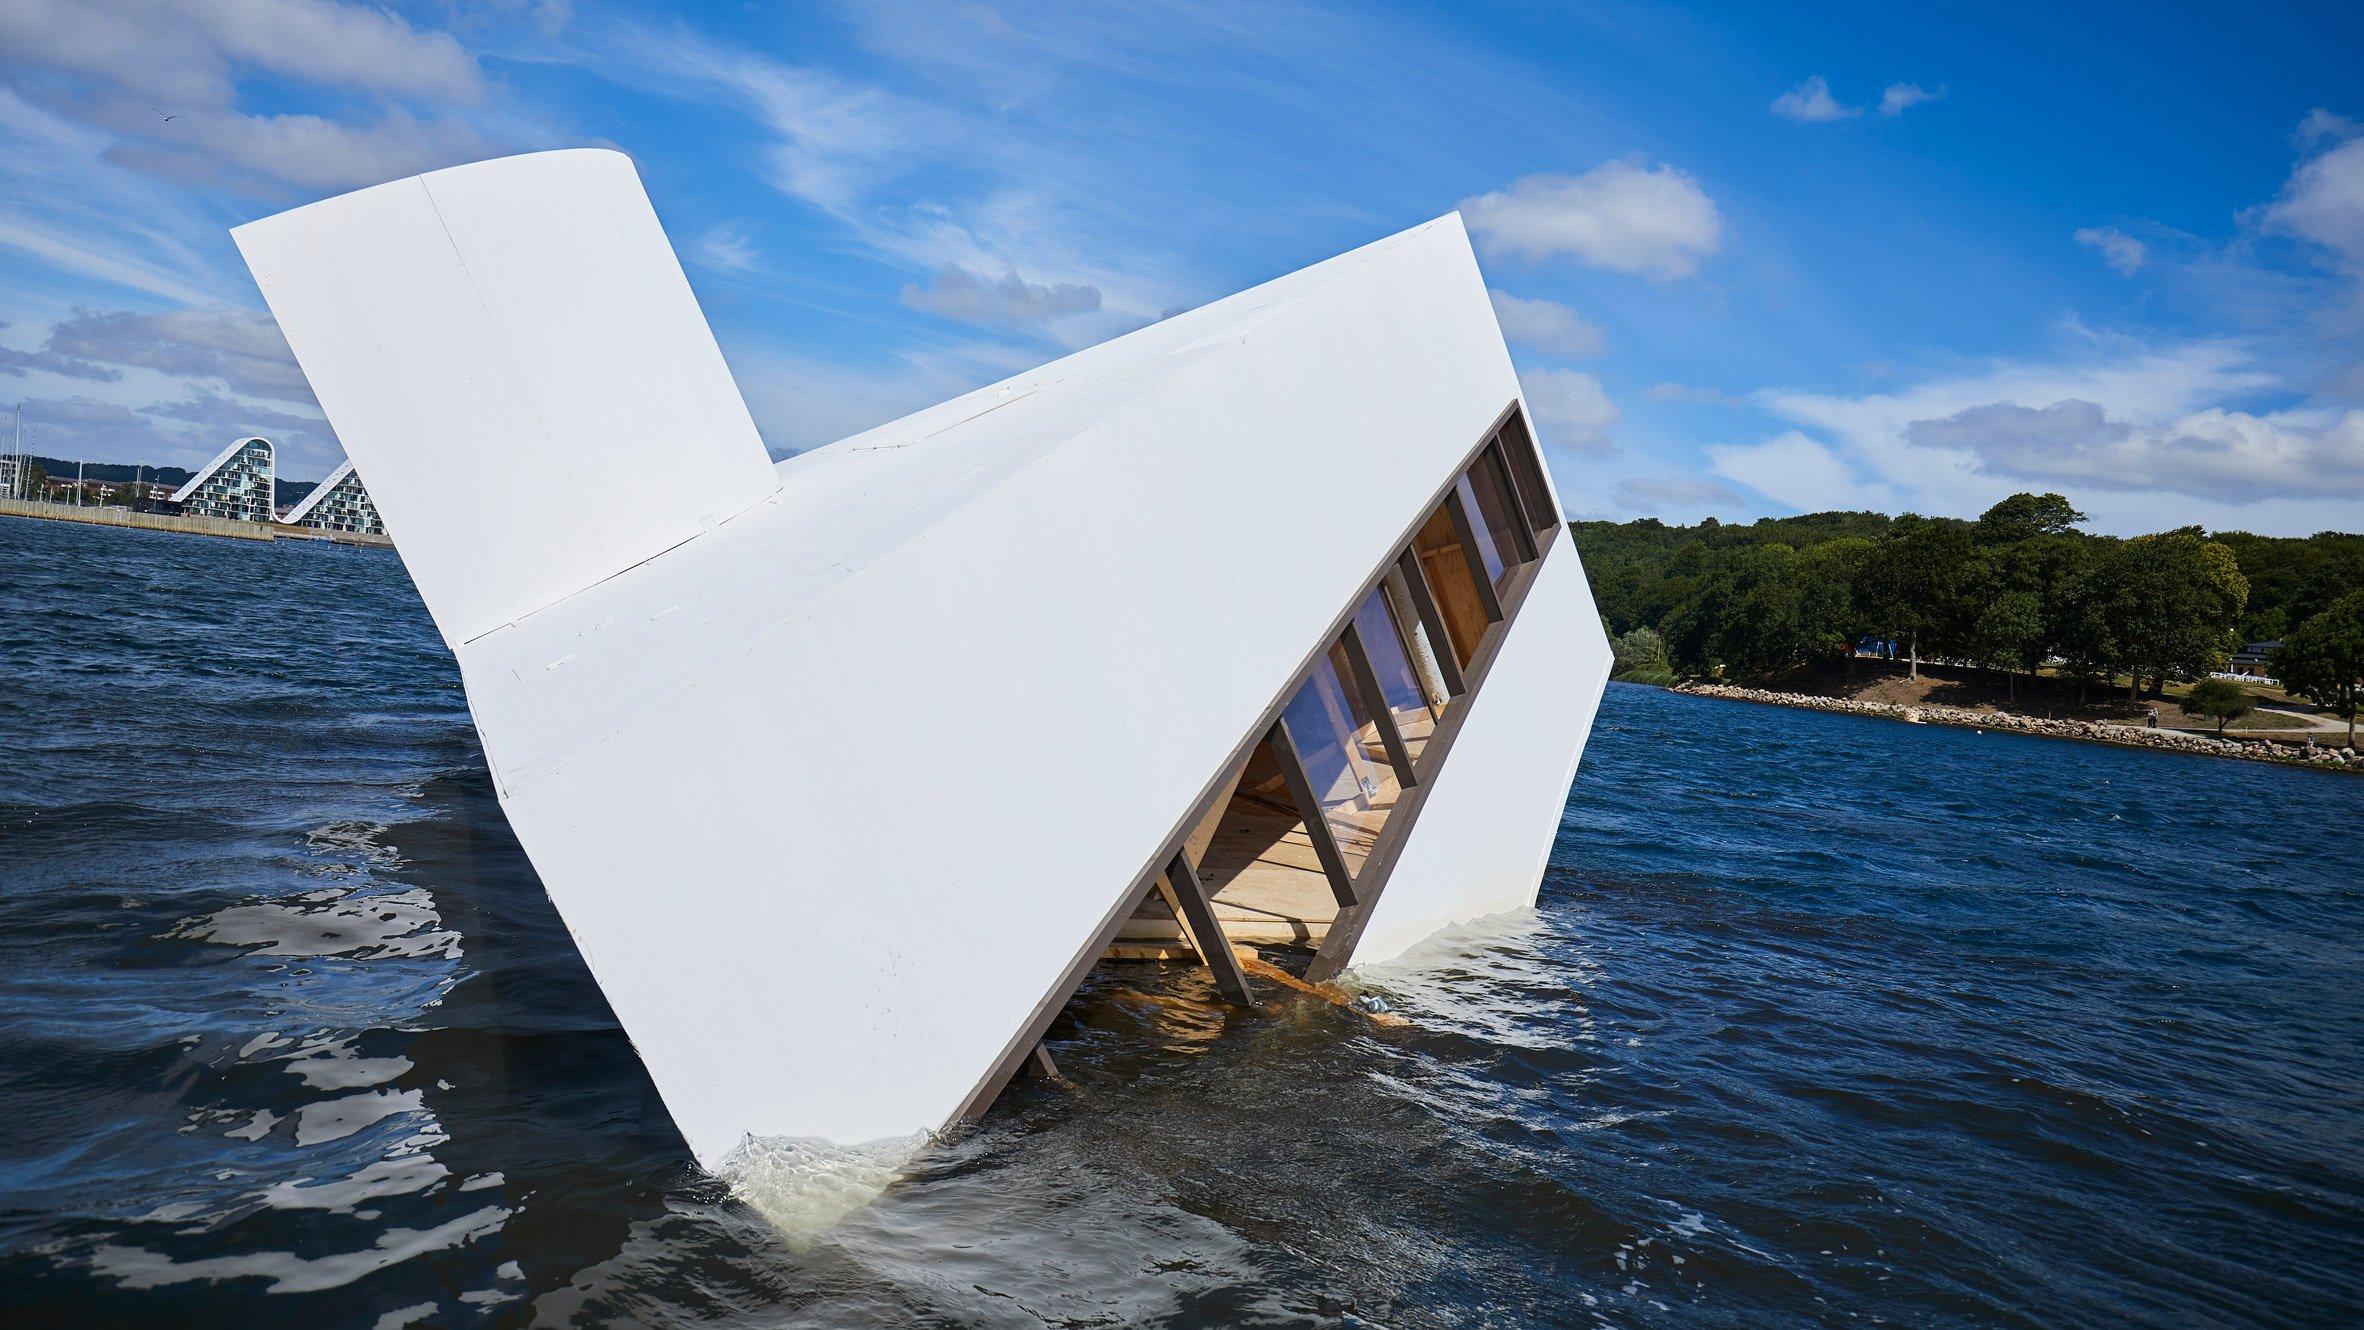 IGNANT-Art-Asmund-Havesteen-Mikkelsen-Flooded-Modernity-6